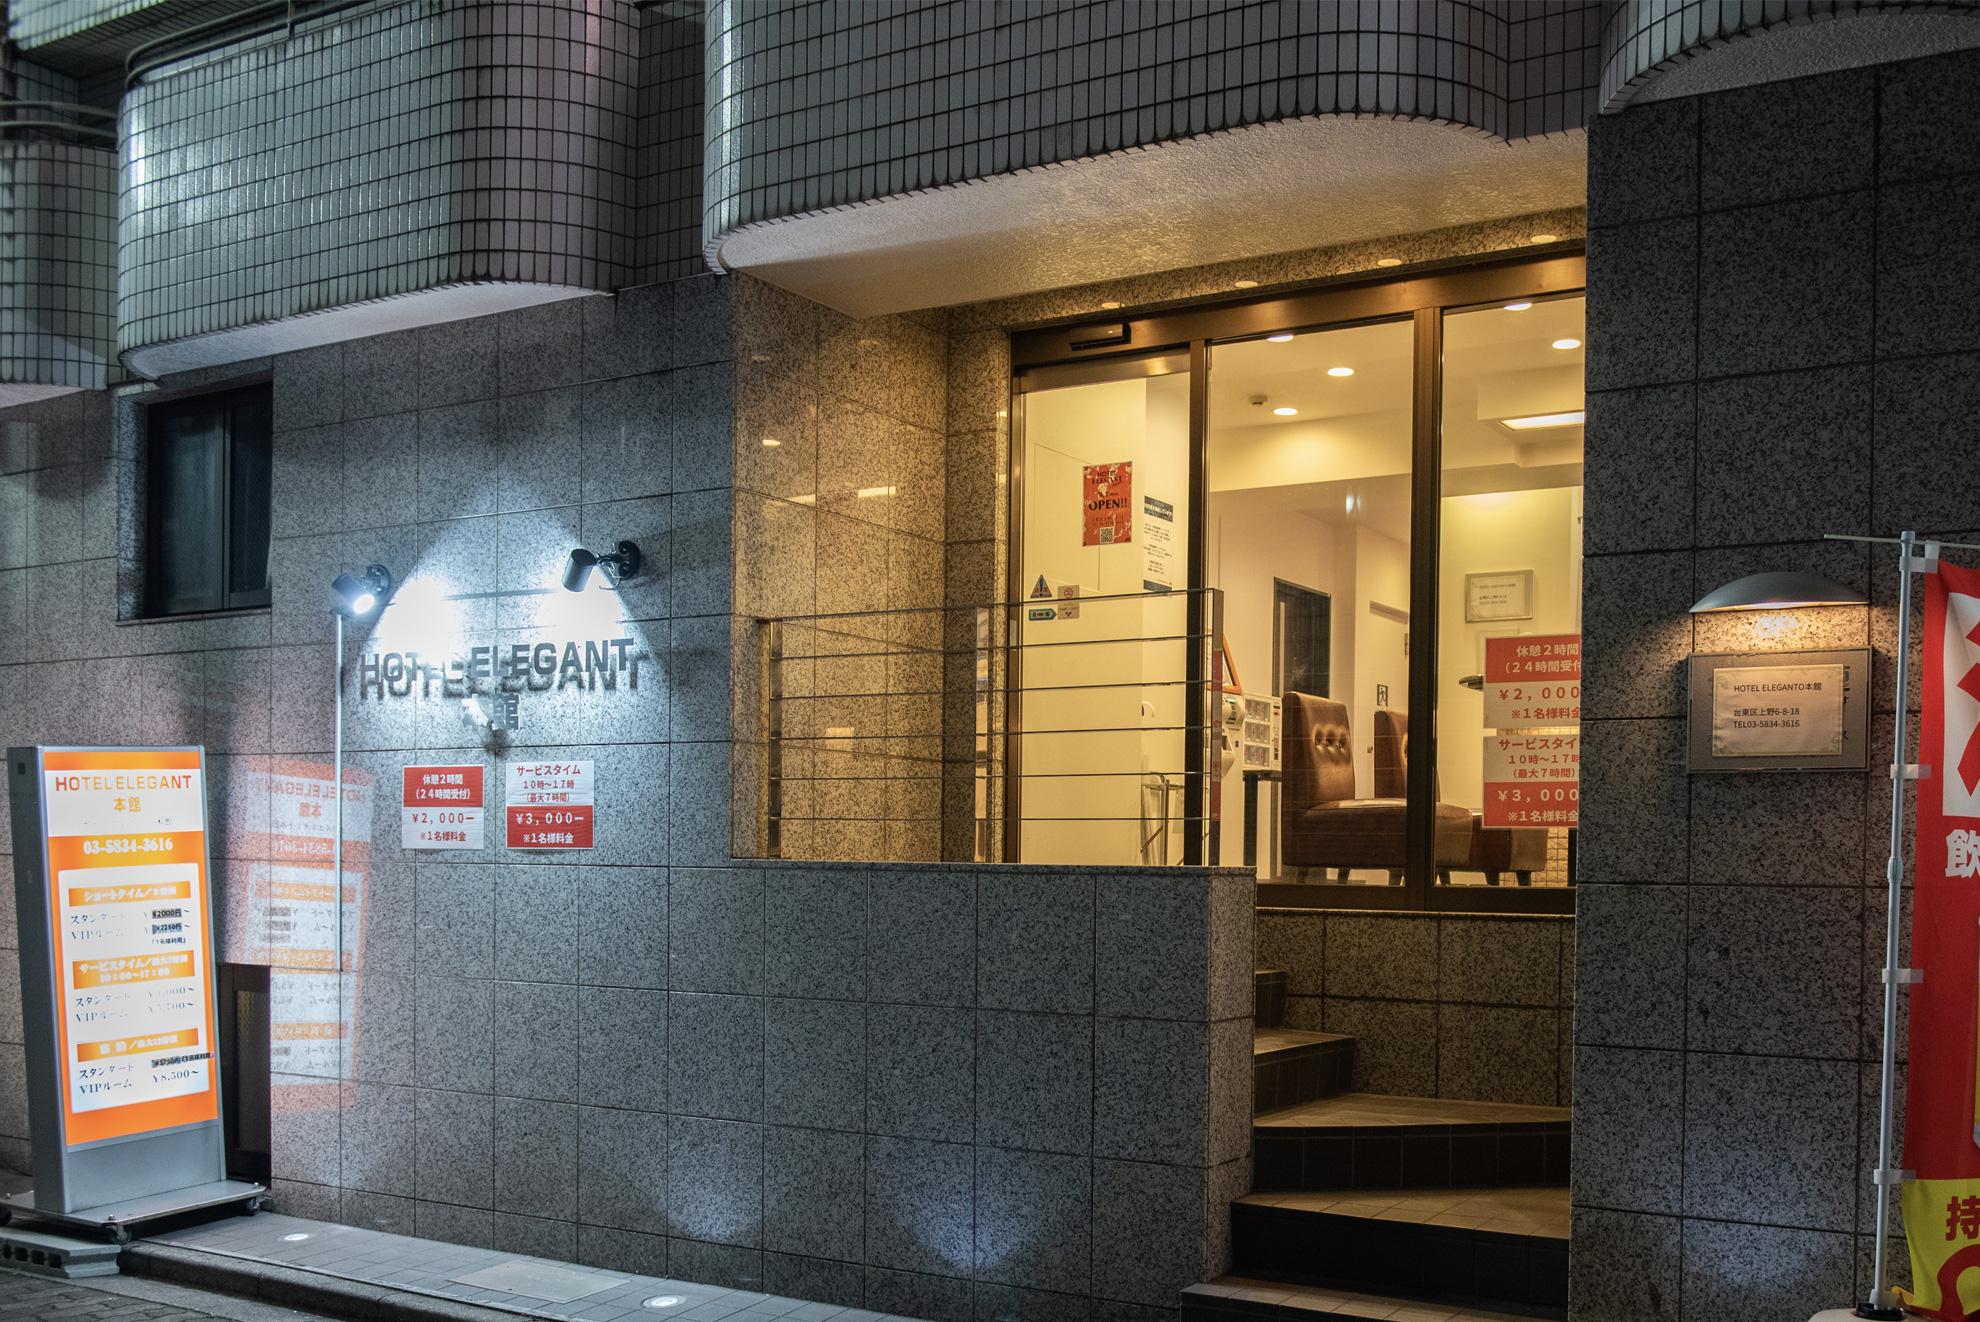 上野ホテルラブホテルビジネスホテルエレガントアネックス受付